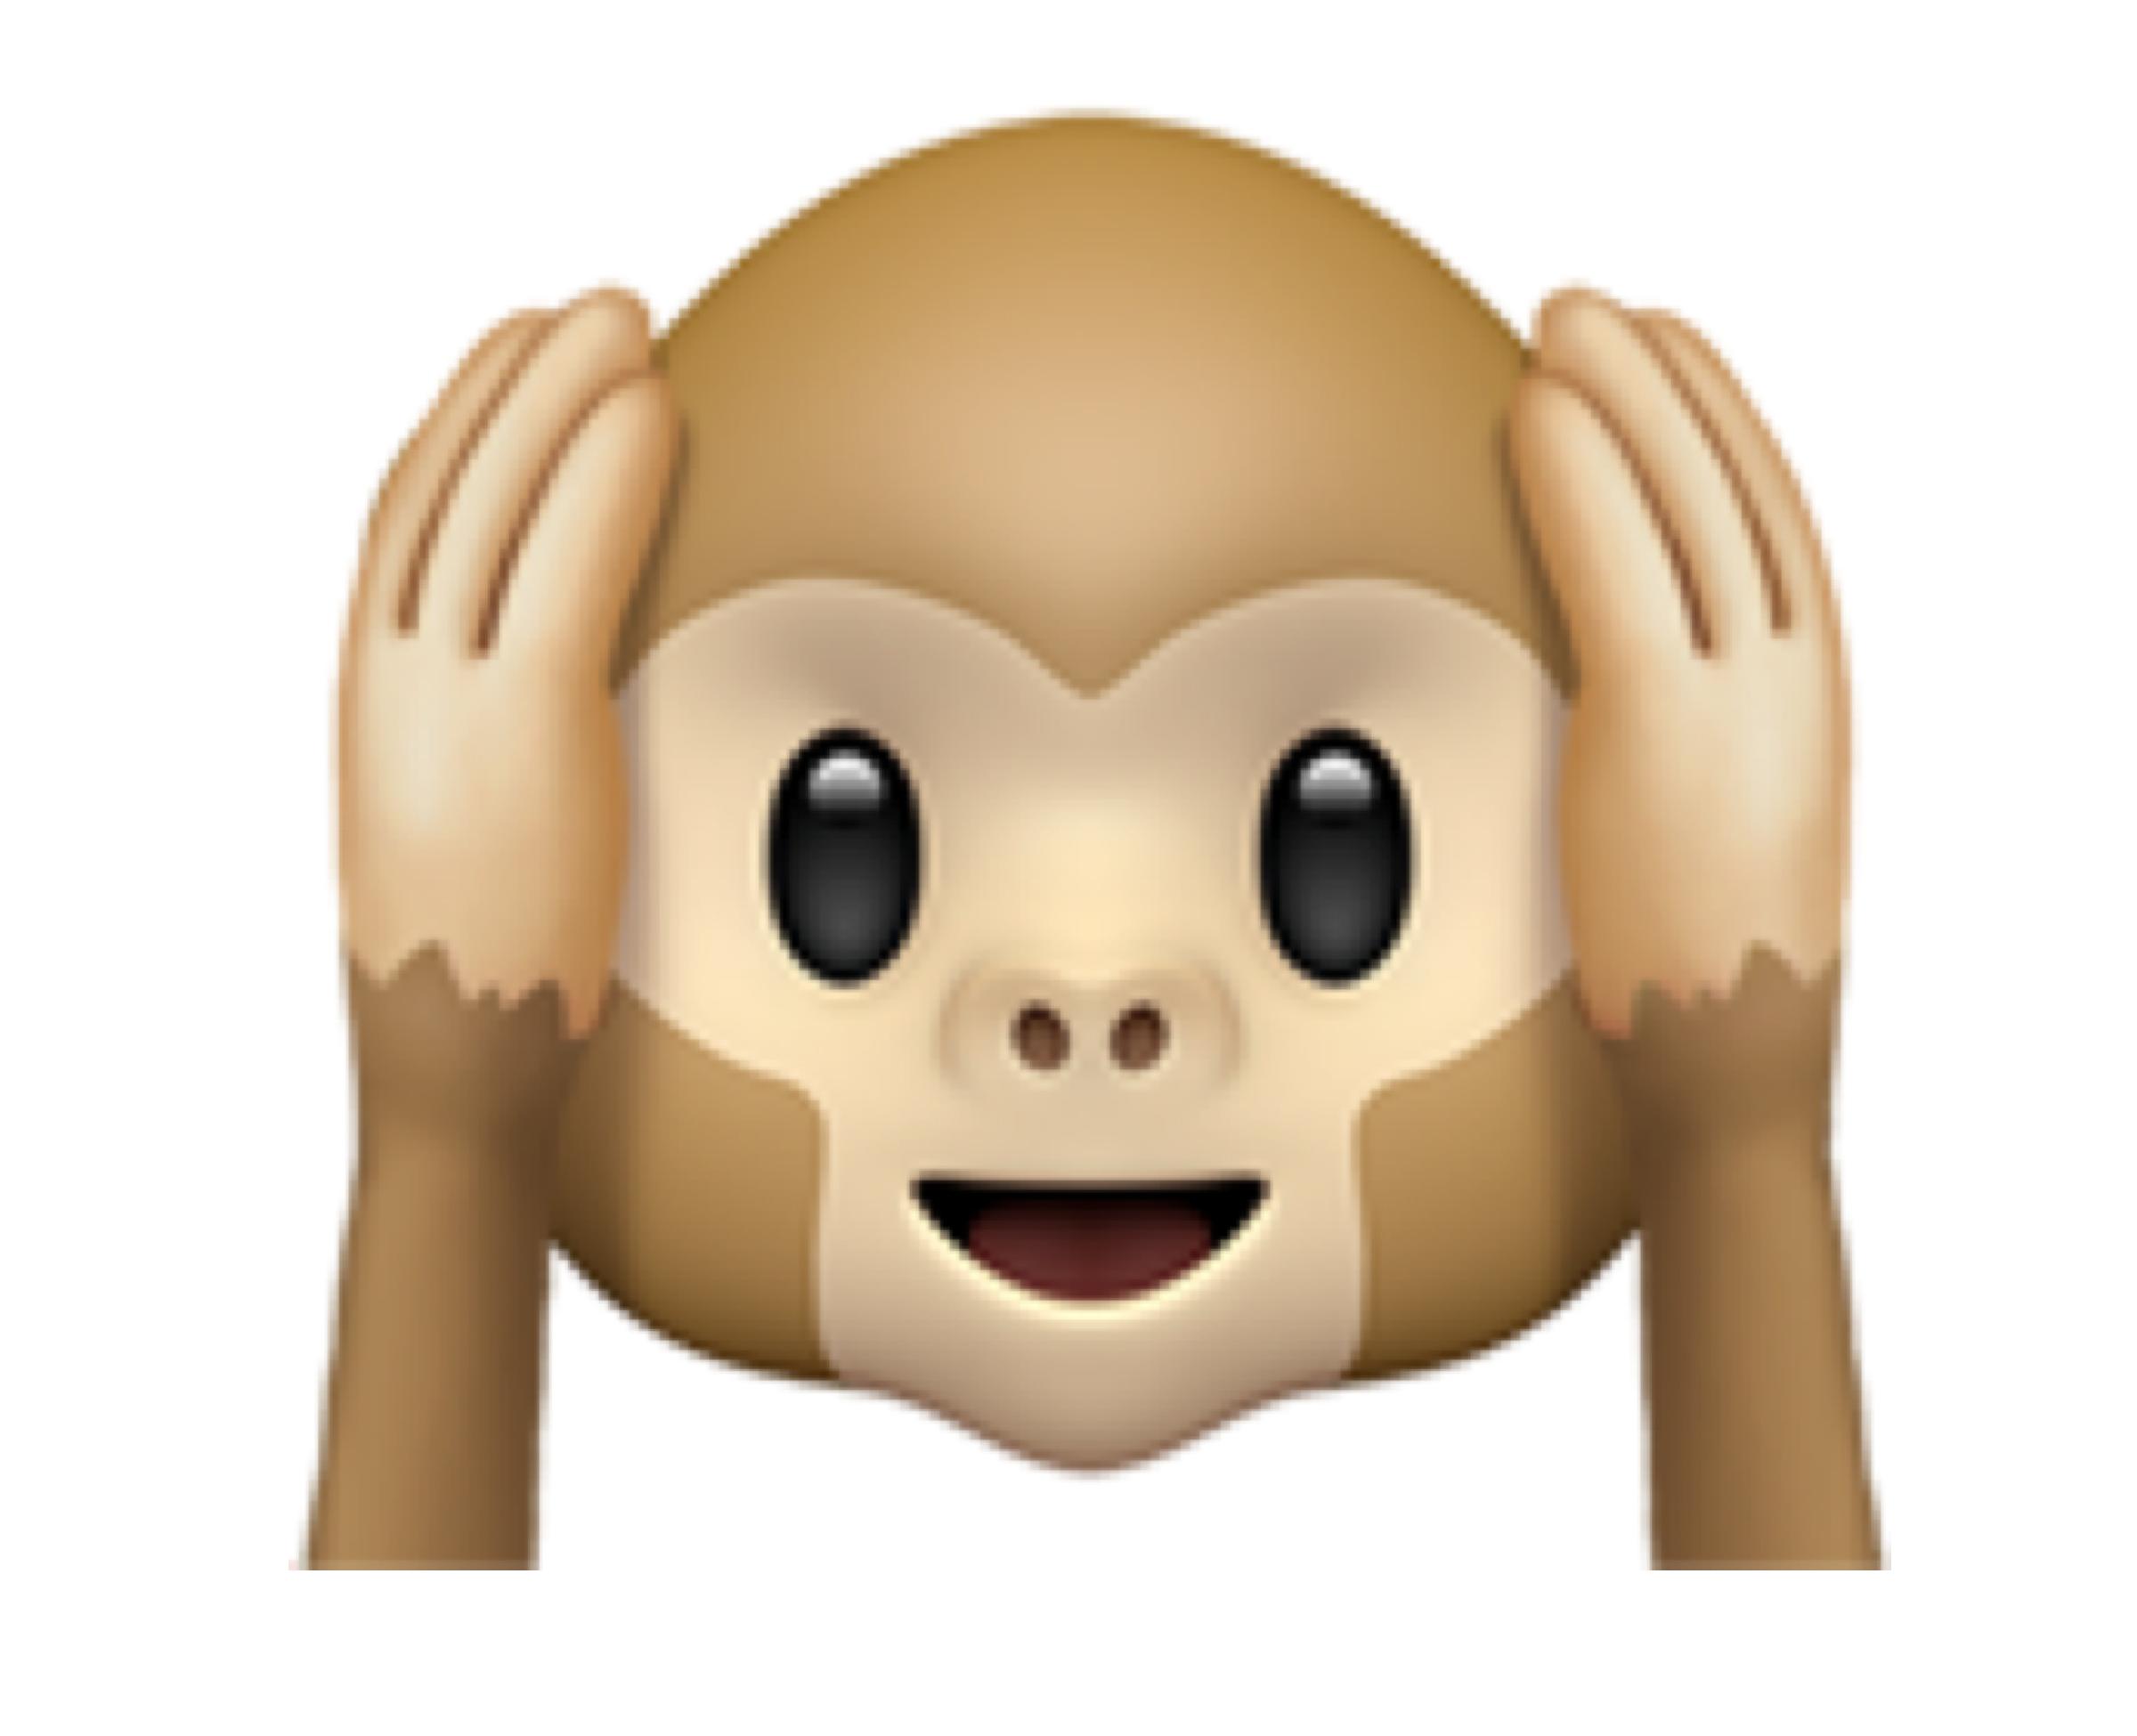 Hear-no-evil monkey (🙉)